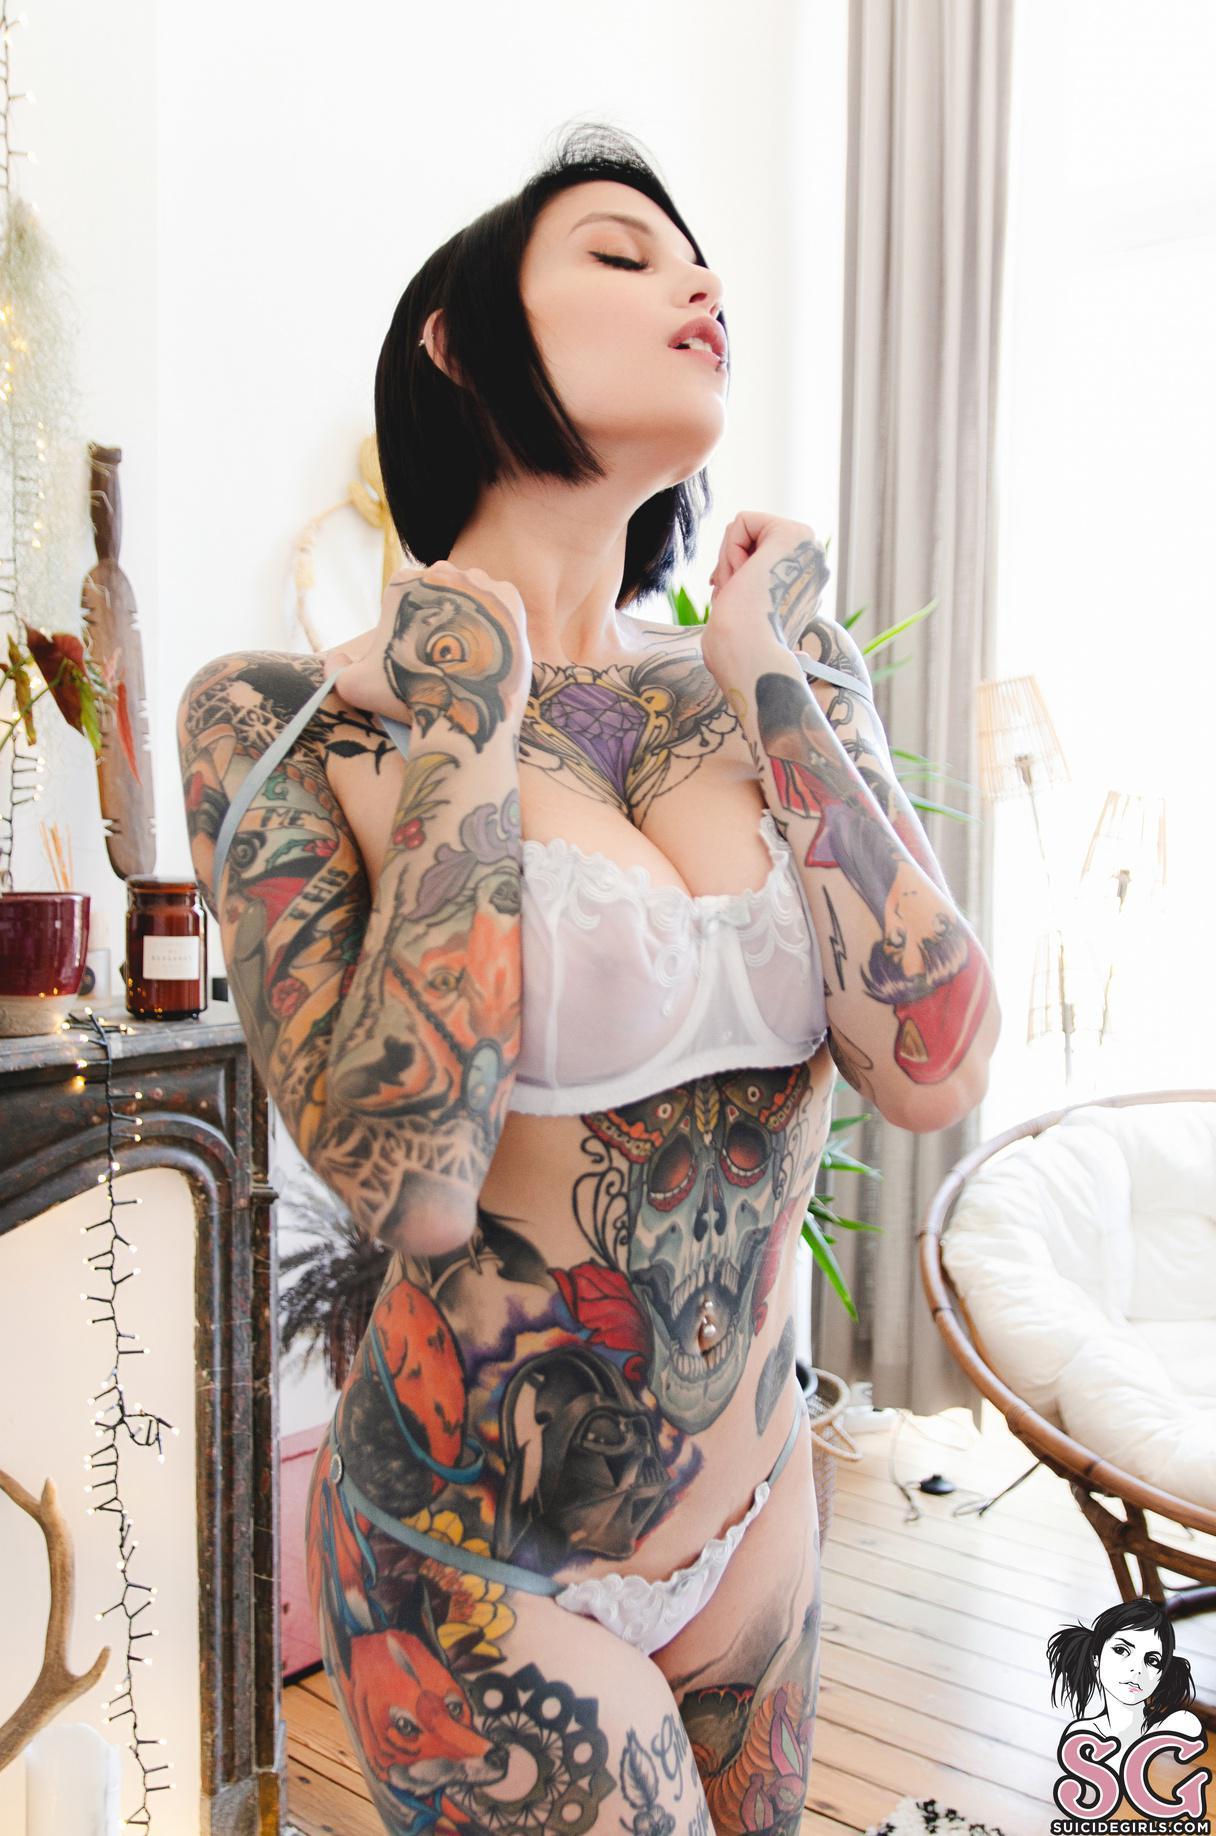 Sg nackt bluedette girl Hot Naked